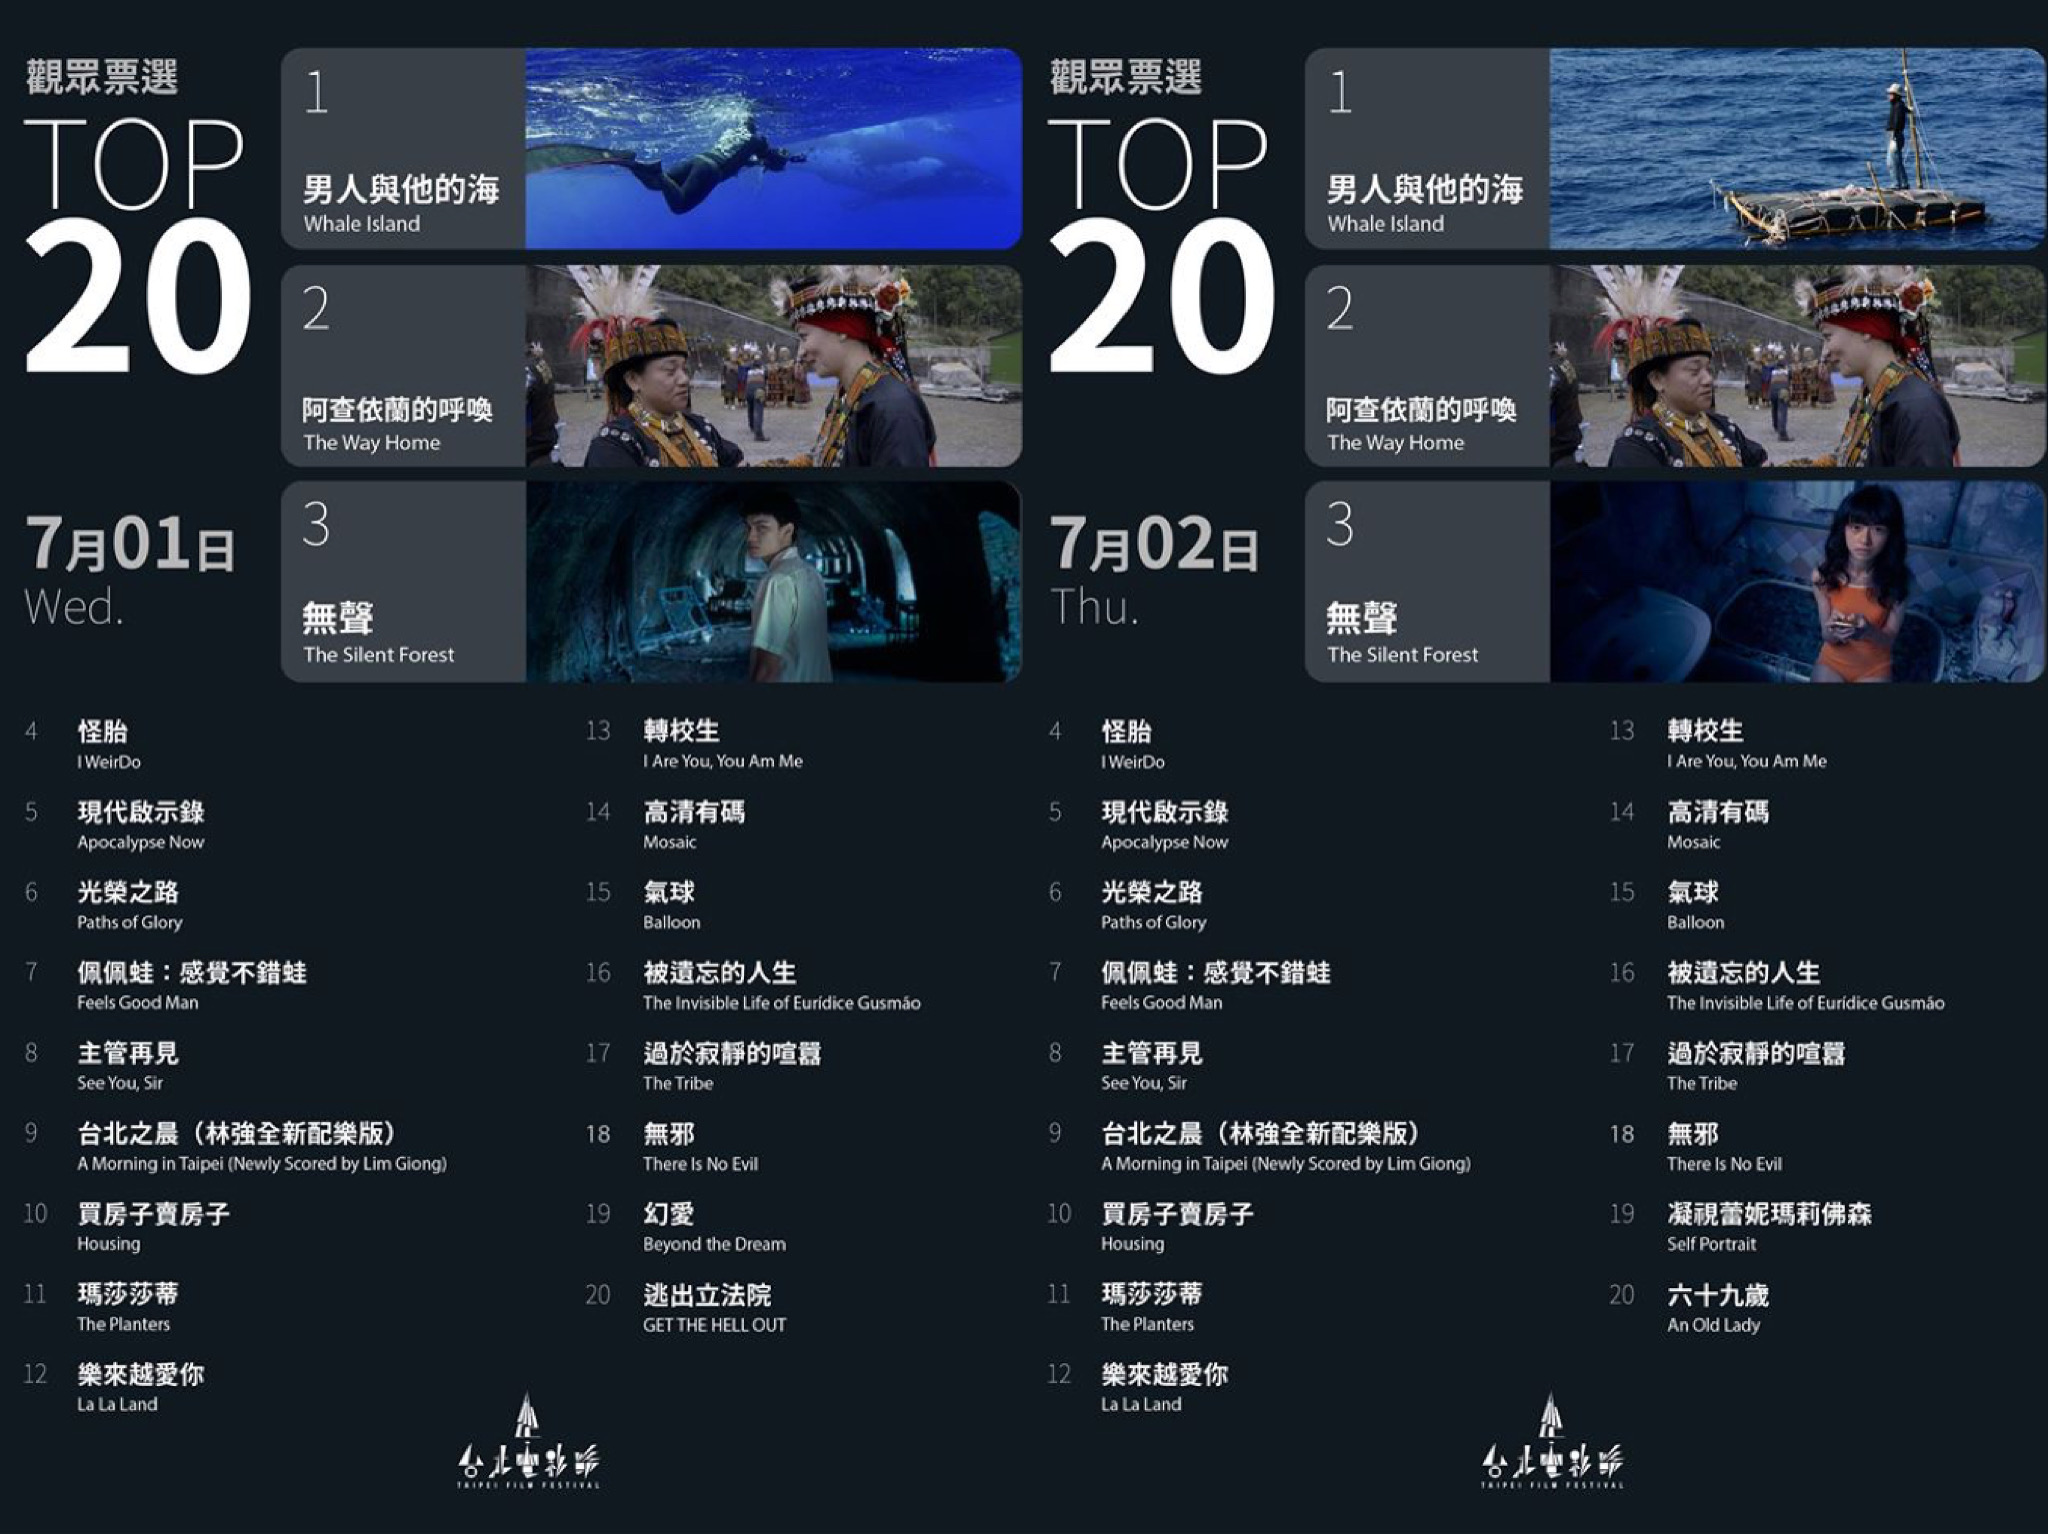 2020台北電影節觀眾票選